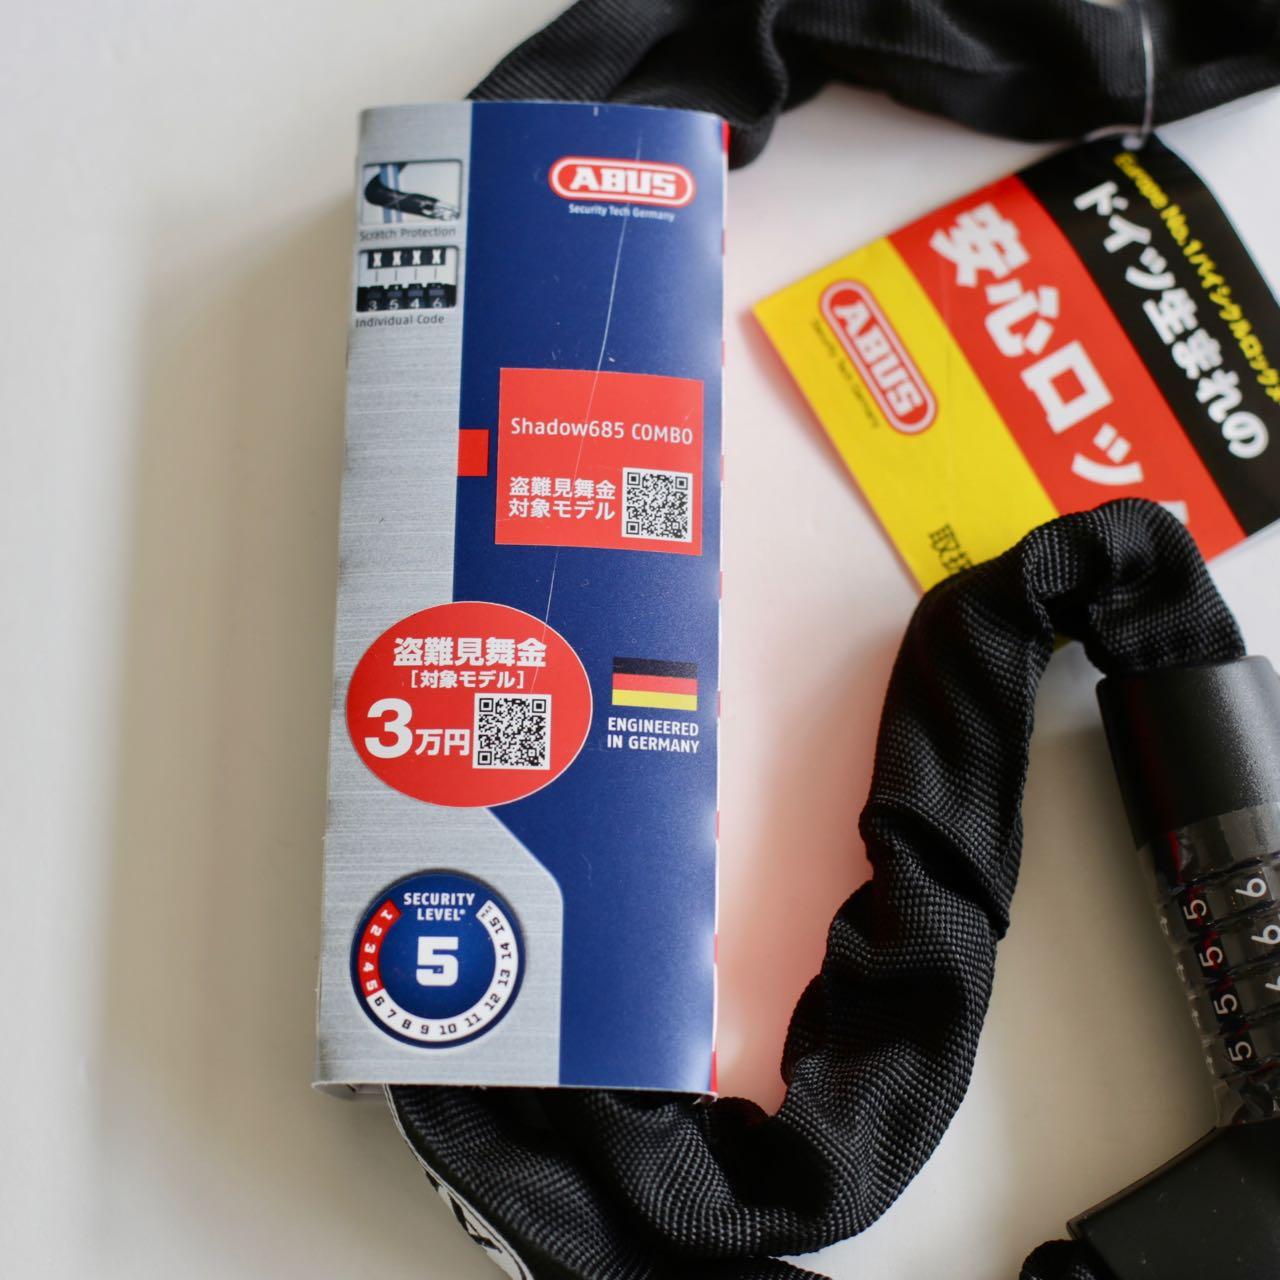 【即納可】685 Shadow Combo チェーンロック 1100mm ダイヤル式 ABUS アブス 自転車 鍵 盗難防止 駐輪